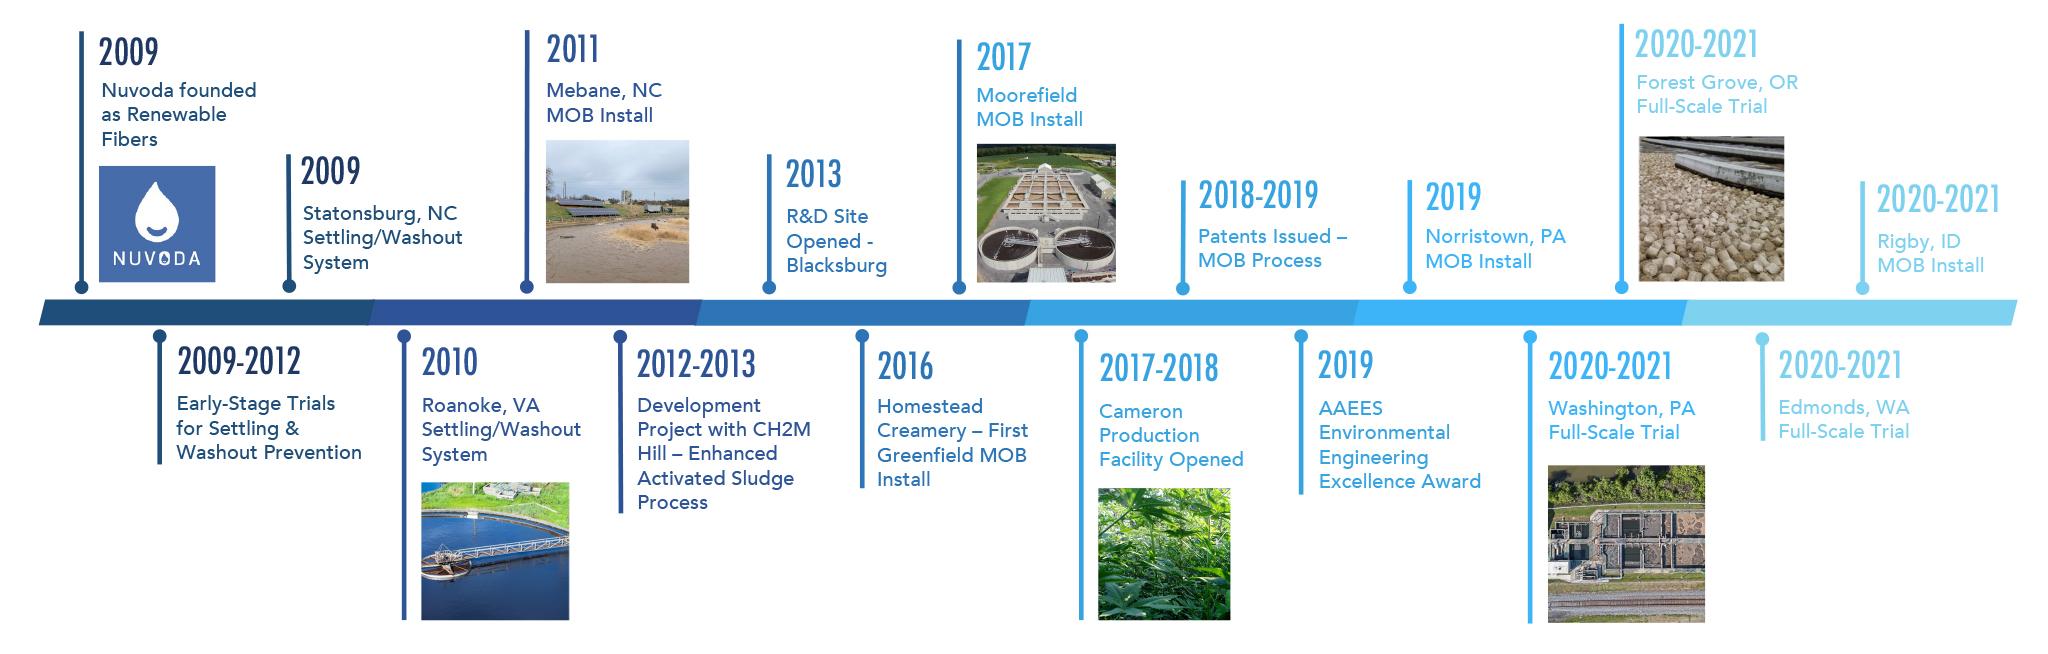 Nuvoda History Timeline